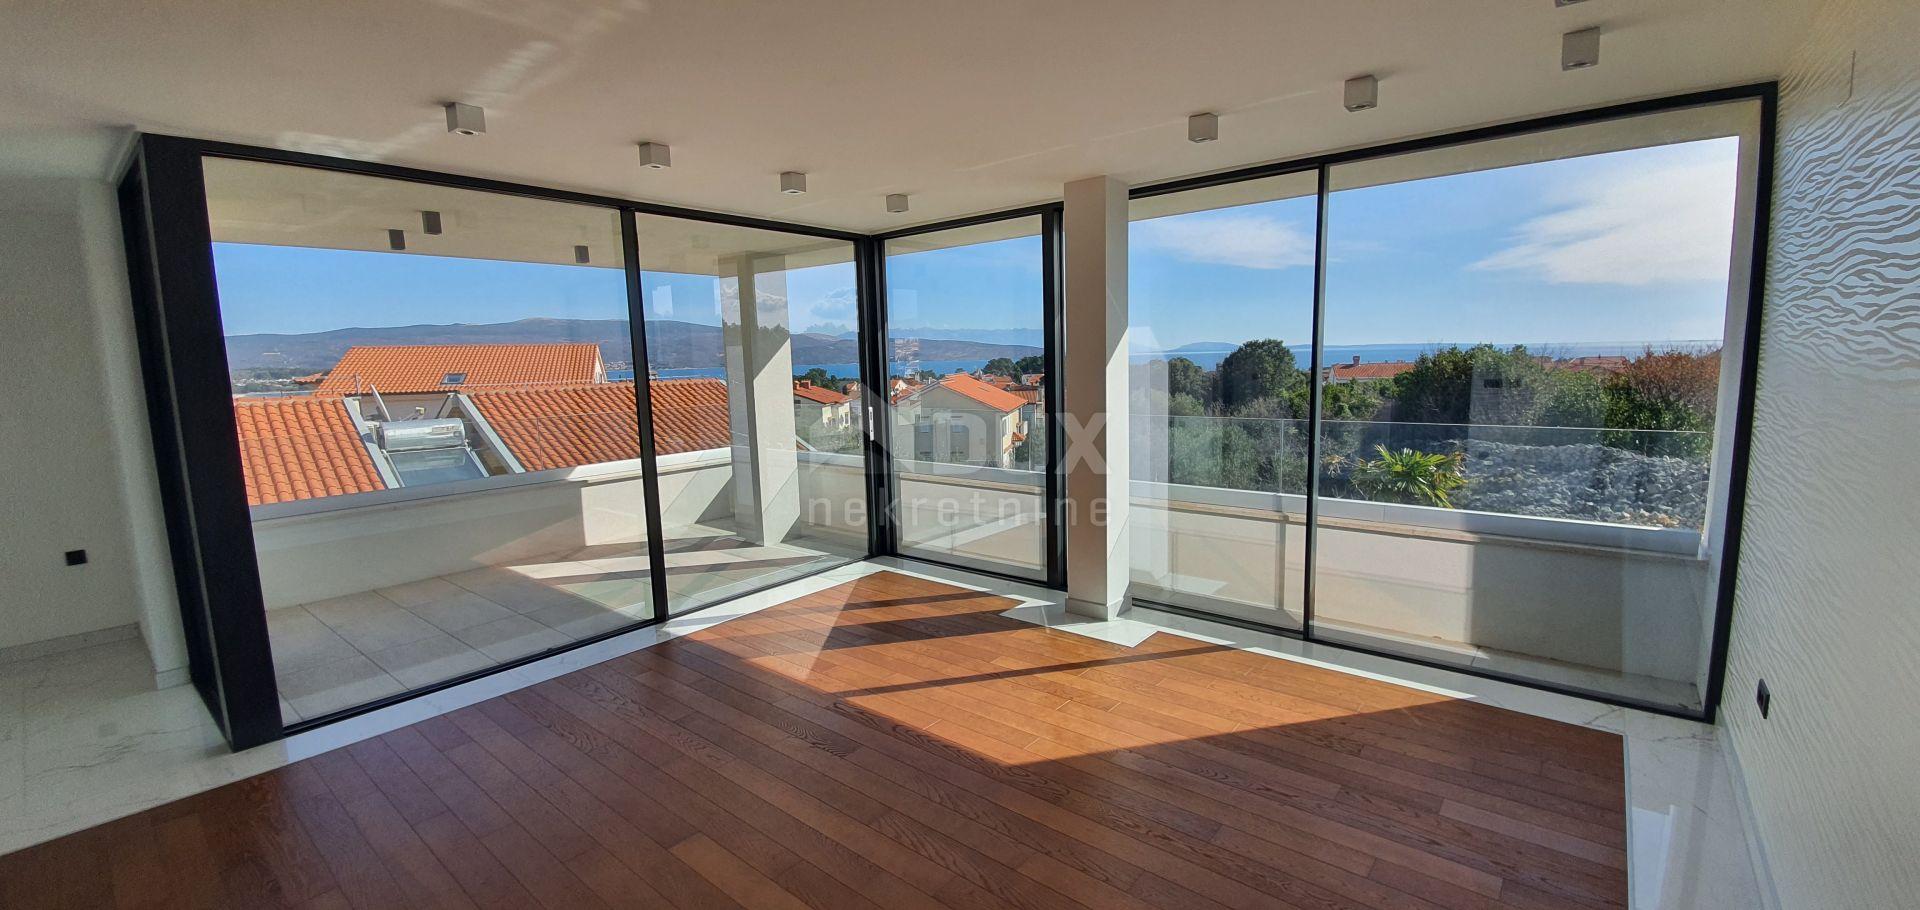 KRK - 2S+DB, 60 m2, novogradnja, otvoren pogled na more